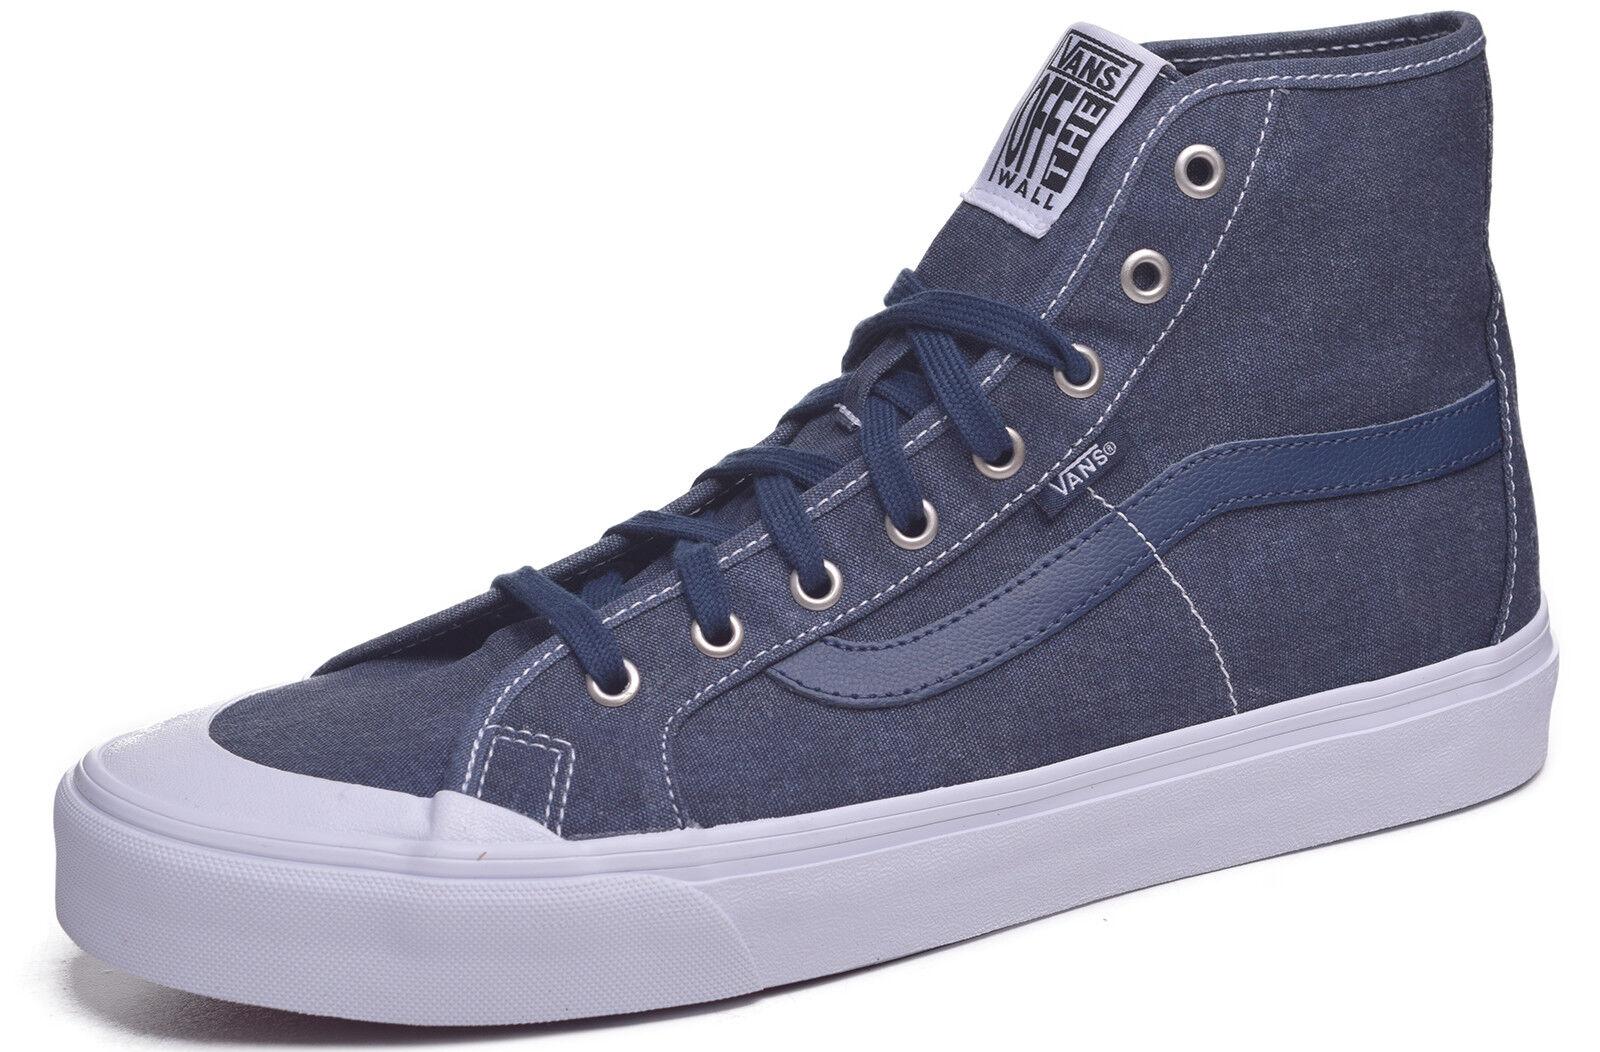 Vans Schwarz Blauen Manner Grosse Waschen Kleid Skateboard Schuhe